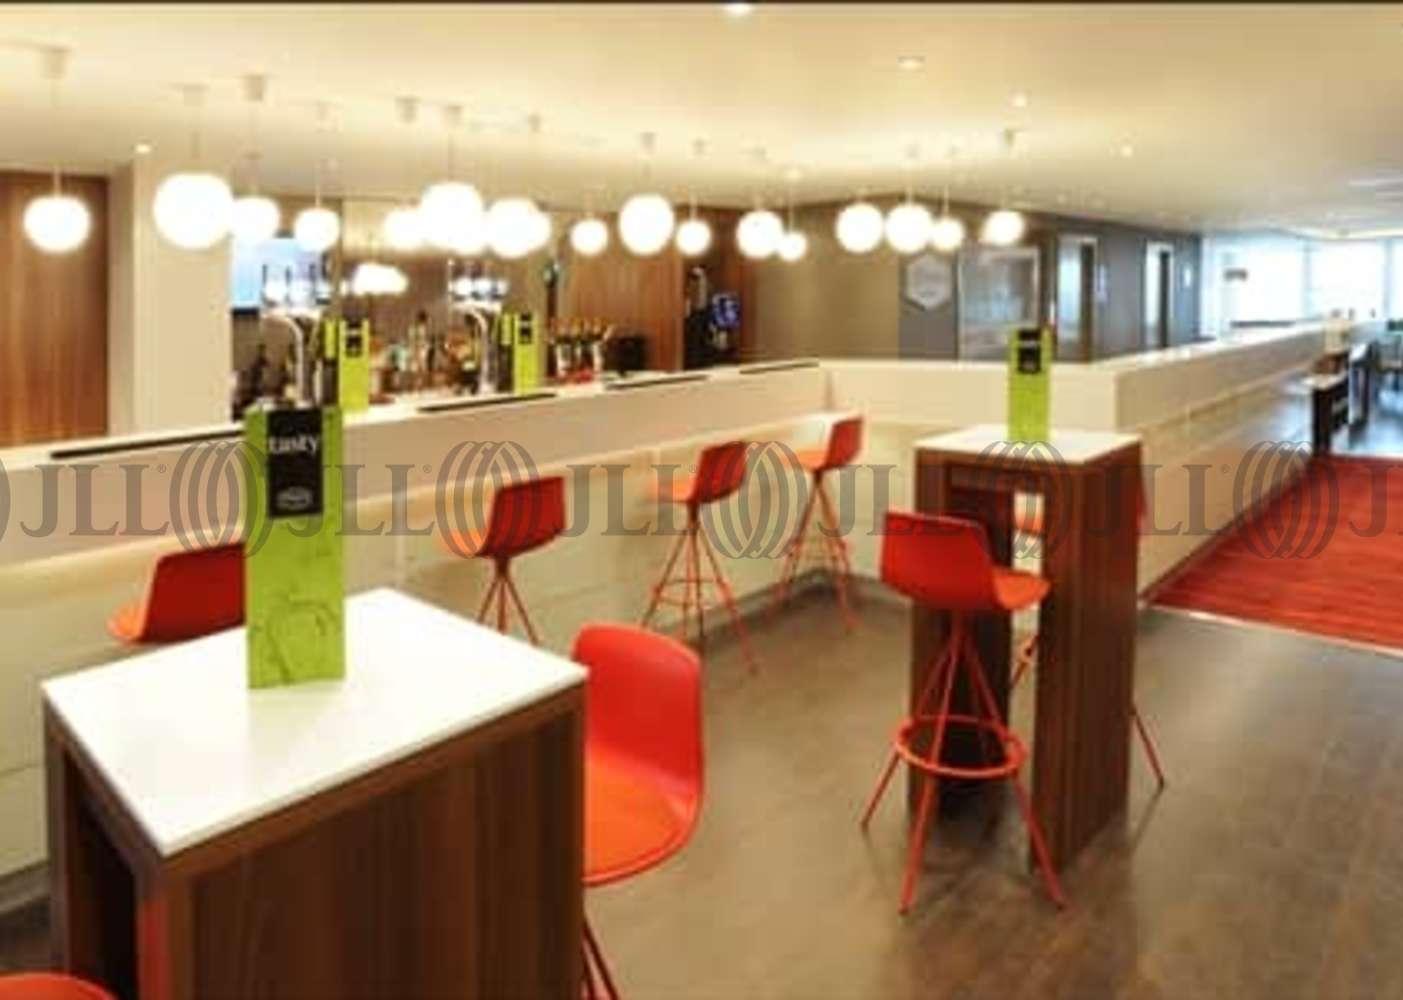 Hotel Birmingham, B15 1SU - Hampton by Hilton Birmingham Broad Street - 82424